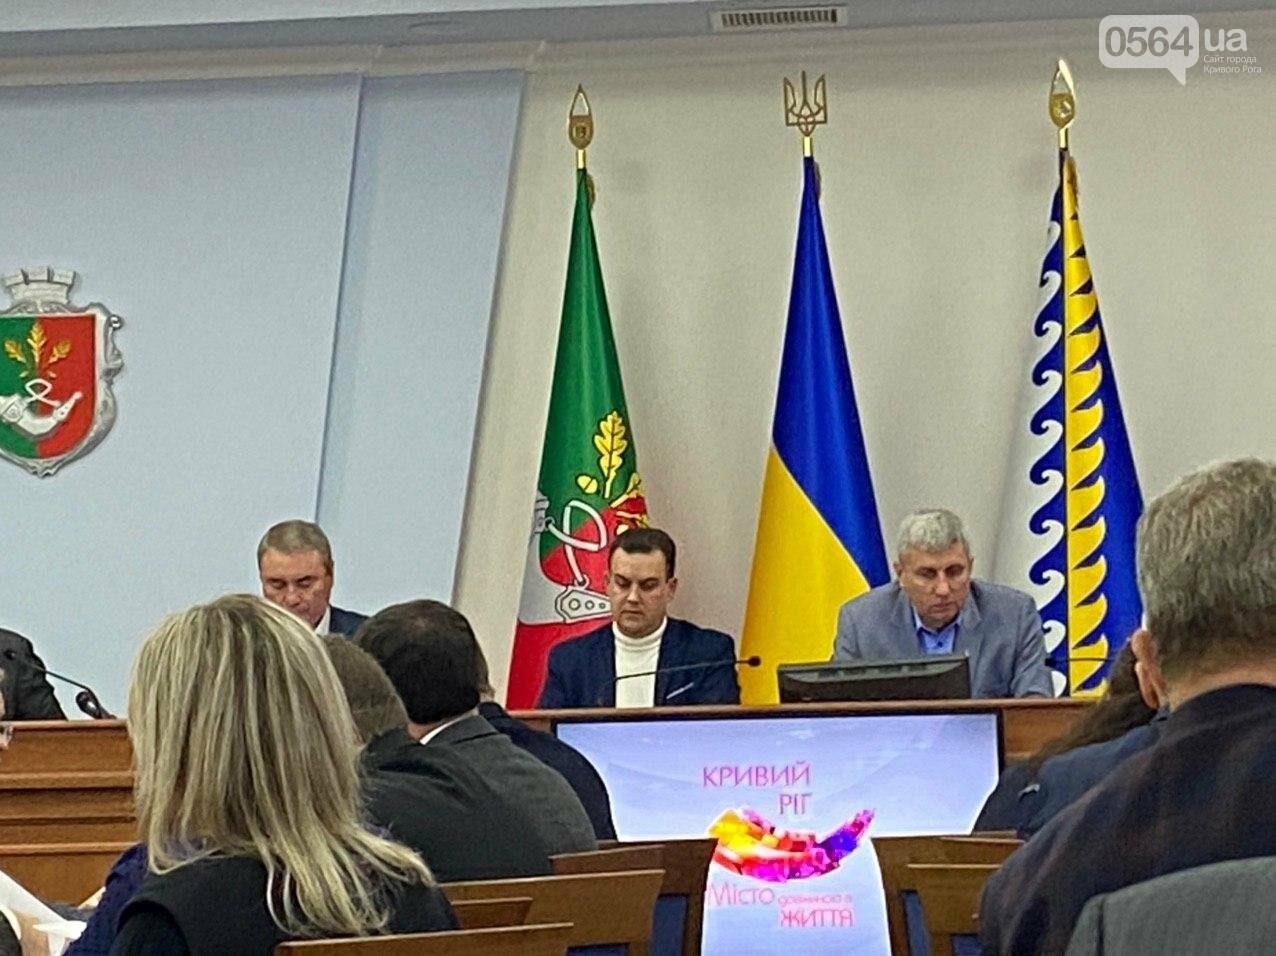 Криворожские чиновники собрались на первое в 2020 заседание горисполкома, - ФОТО, фото-7